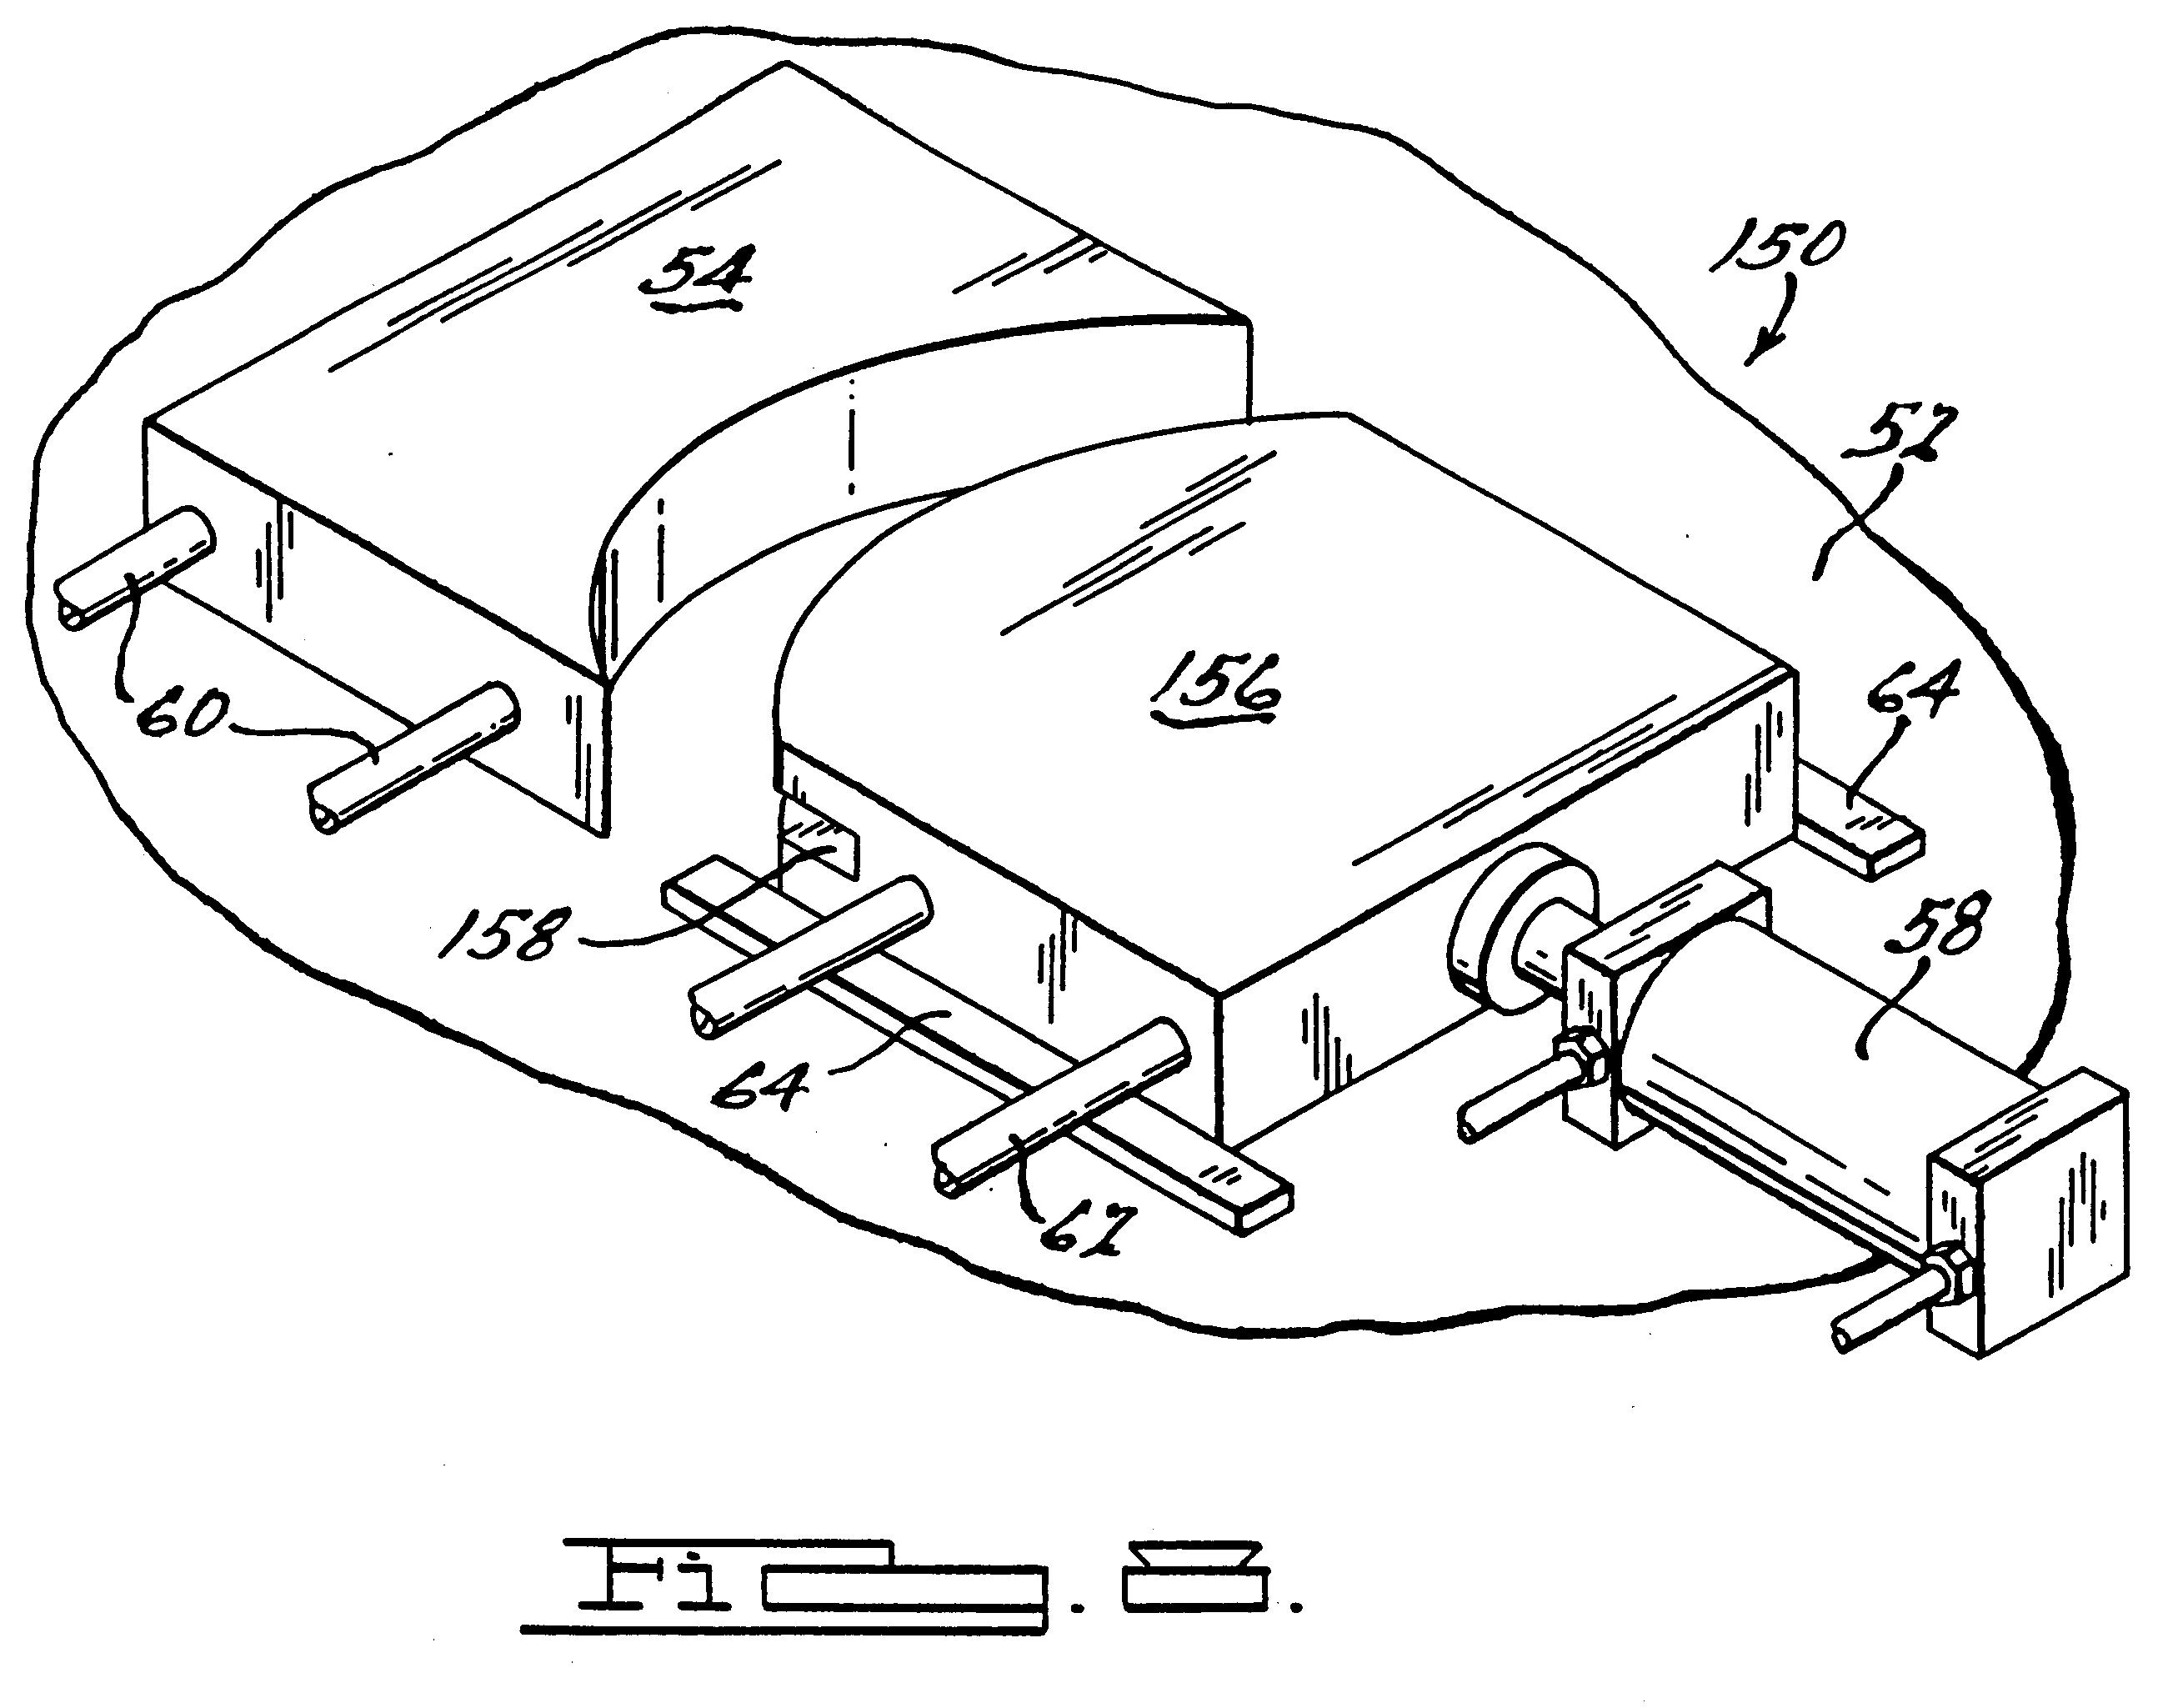 Brake Lining Draw : Patent us methods for bending brake lining